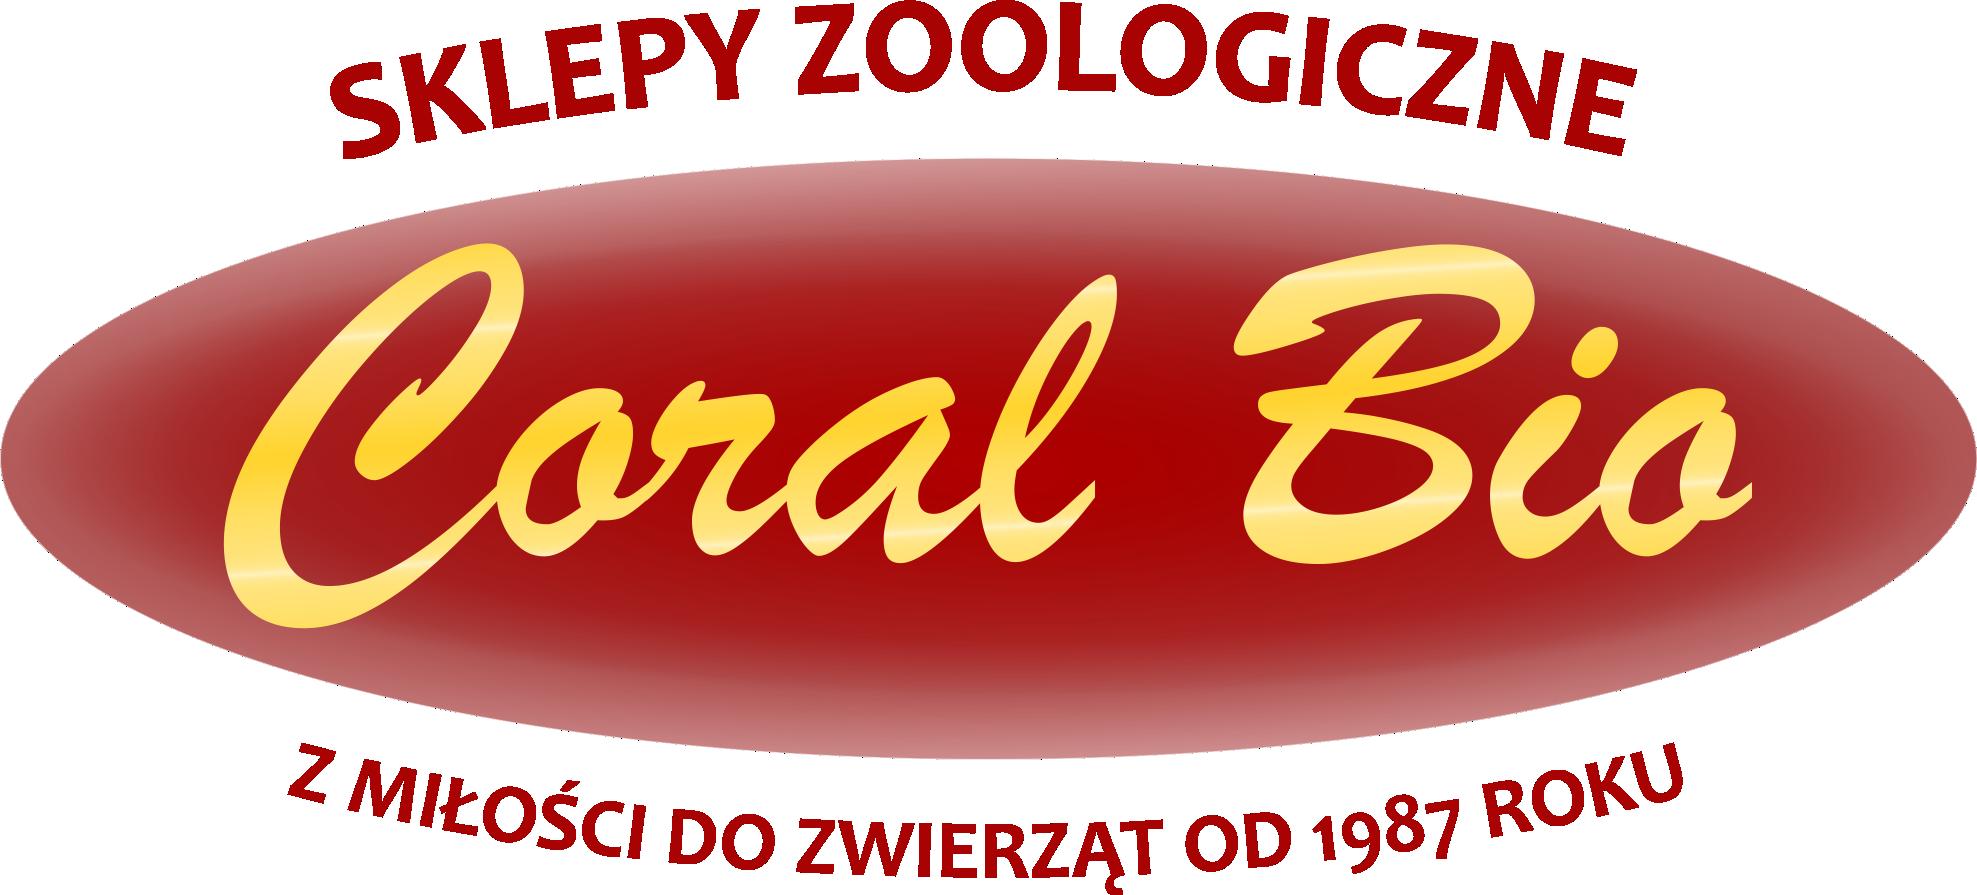 CORAL BIO :: Sklepy Zoologiczne :: Hurtownia Zoologiczna